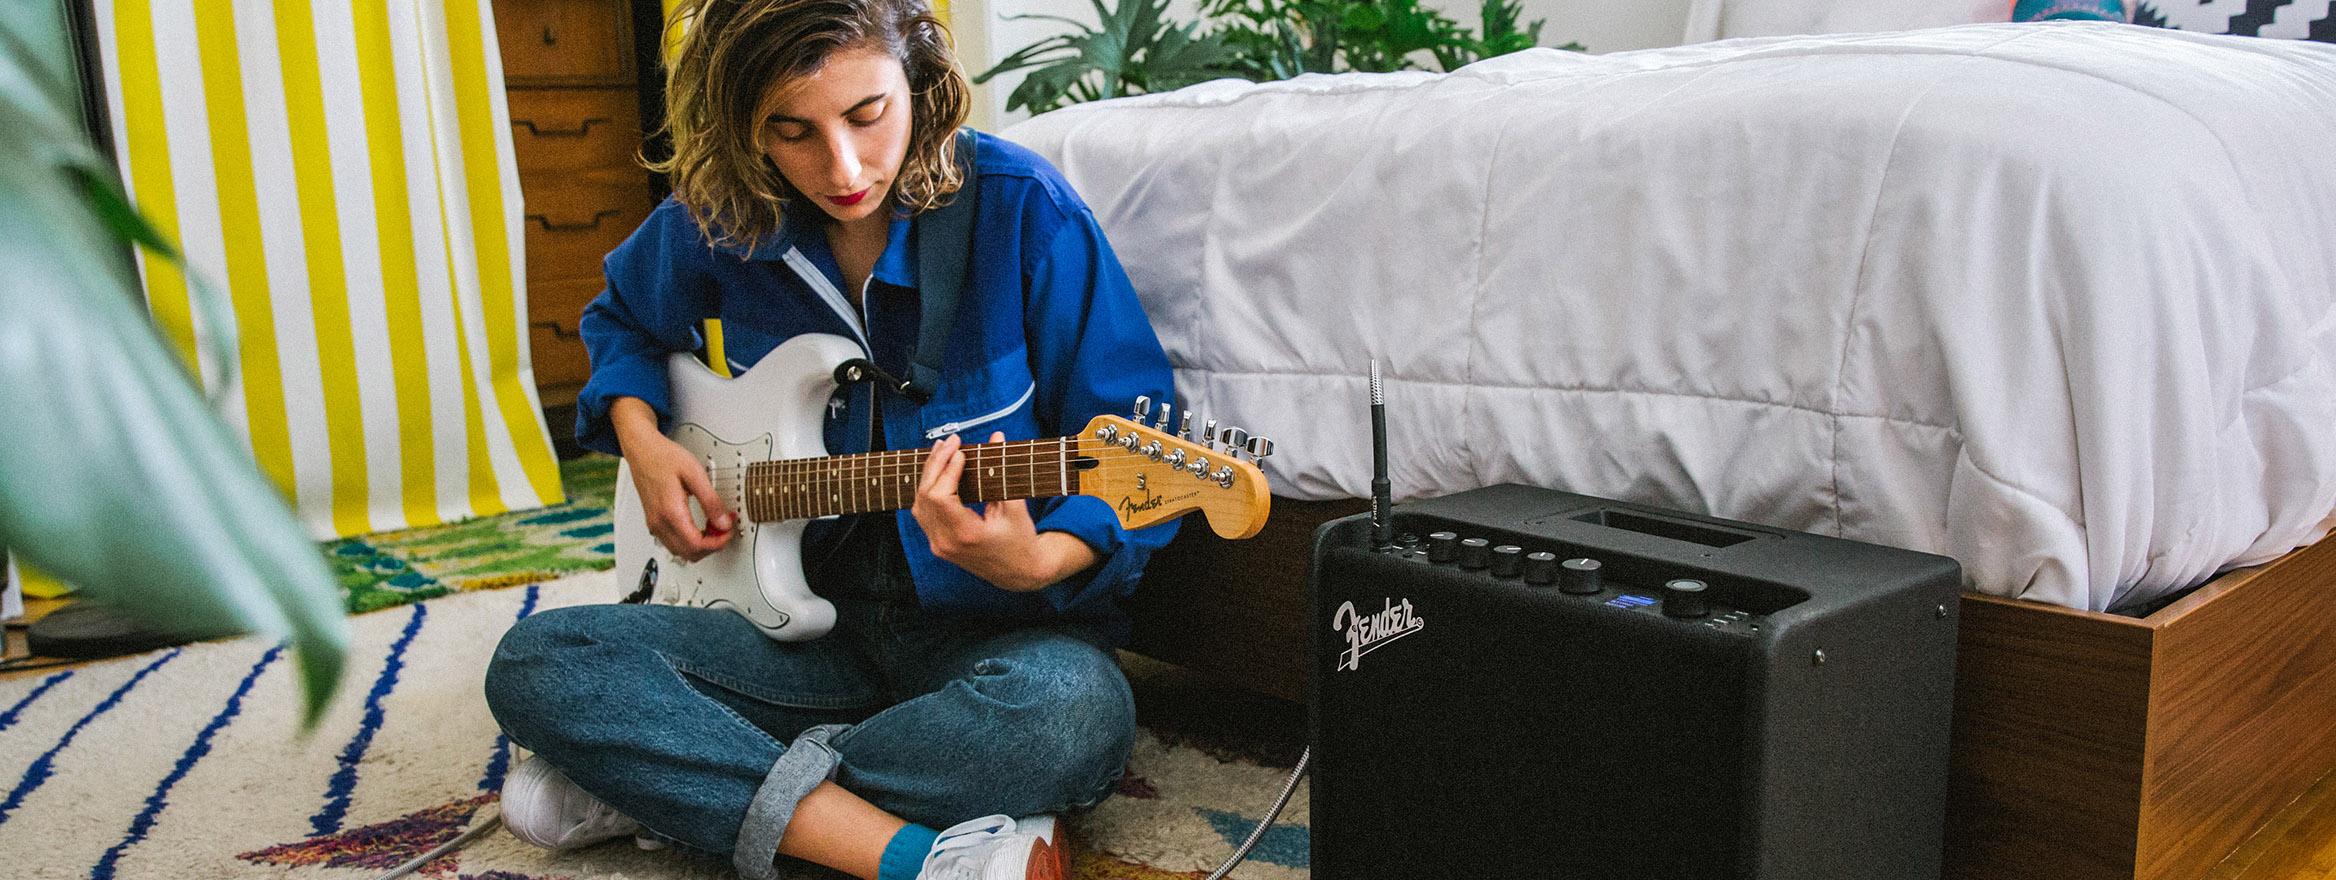 خرید اولین گیتار